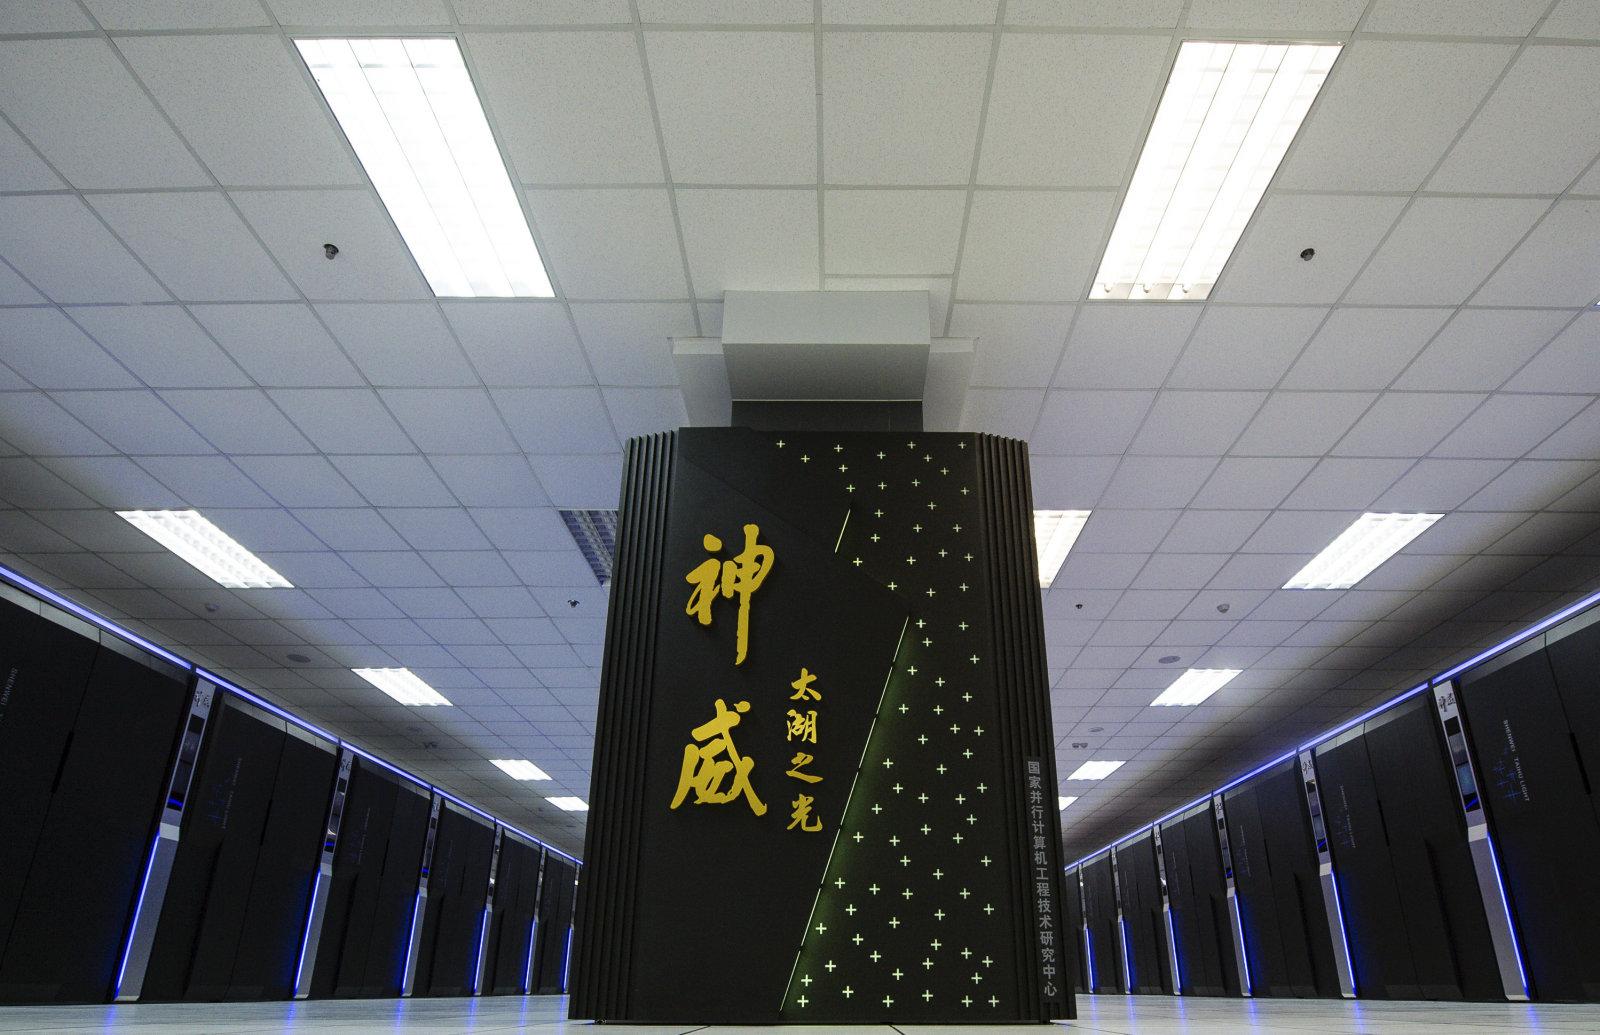 神威・太湖之光